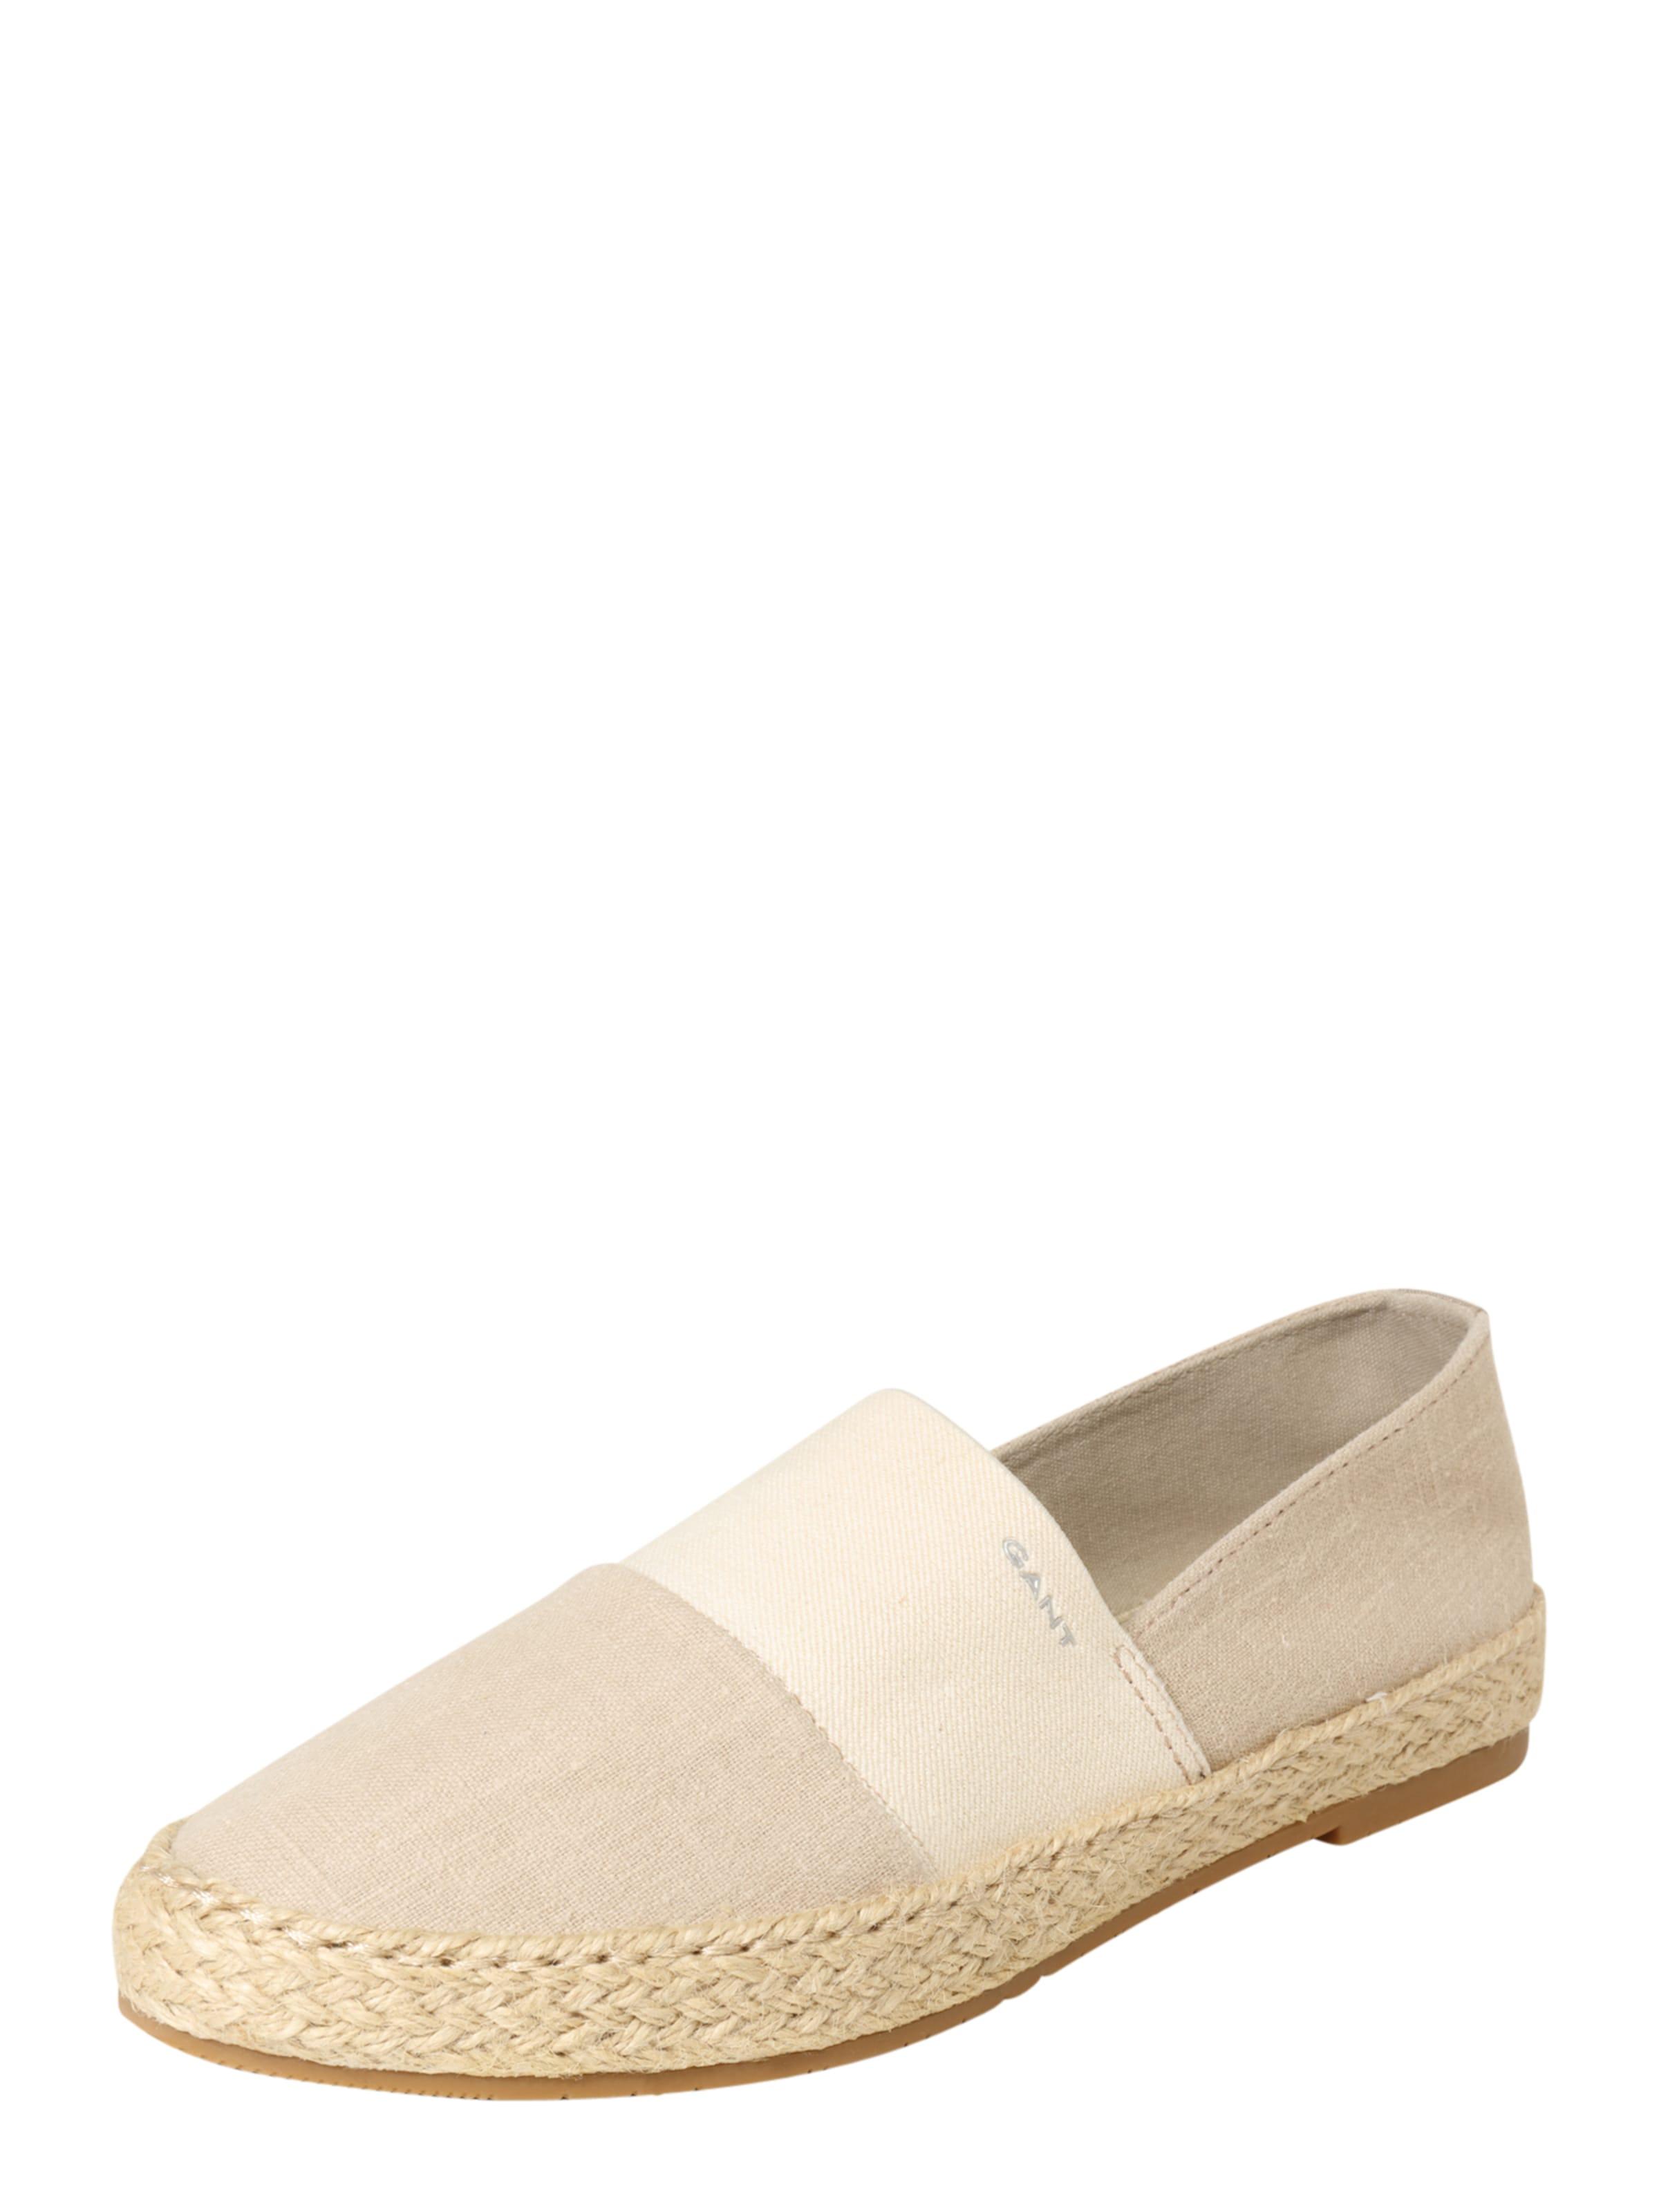 GANT Espadrilles Krista Verschleißfeste billige Schuhe